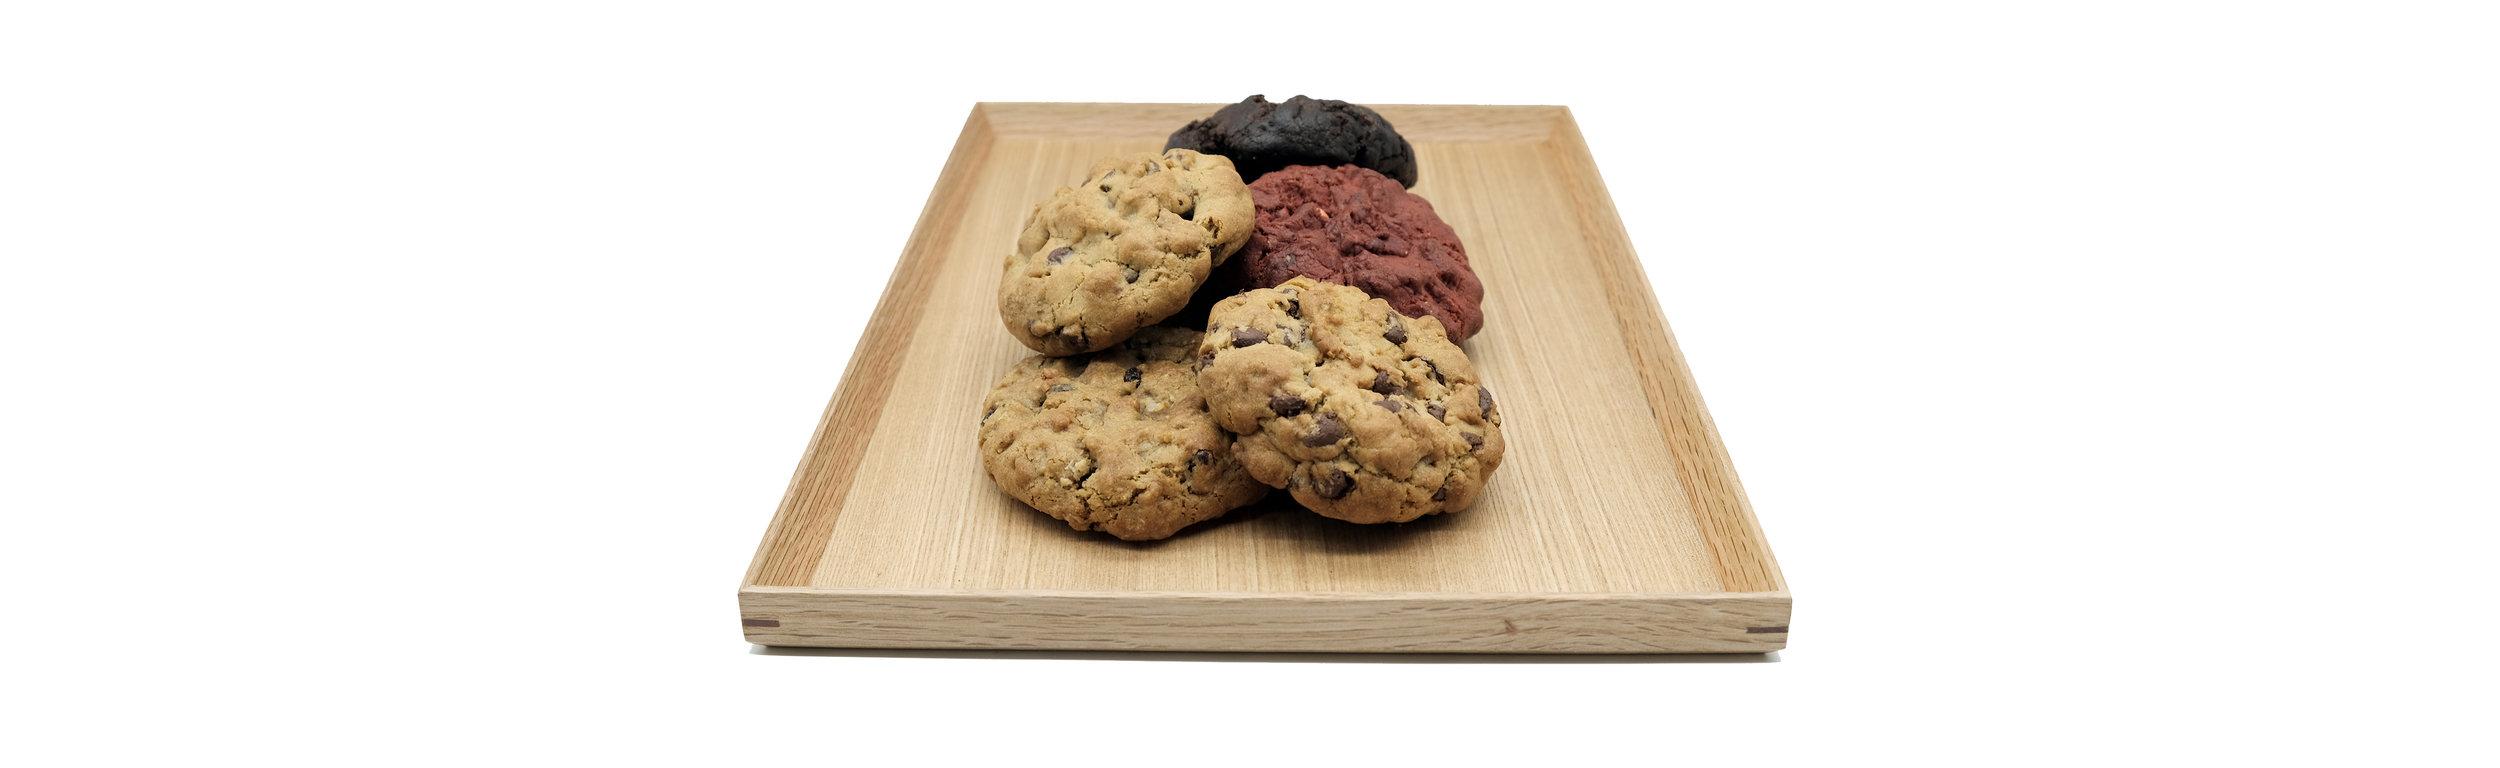 cookie dpt hong kong